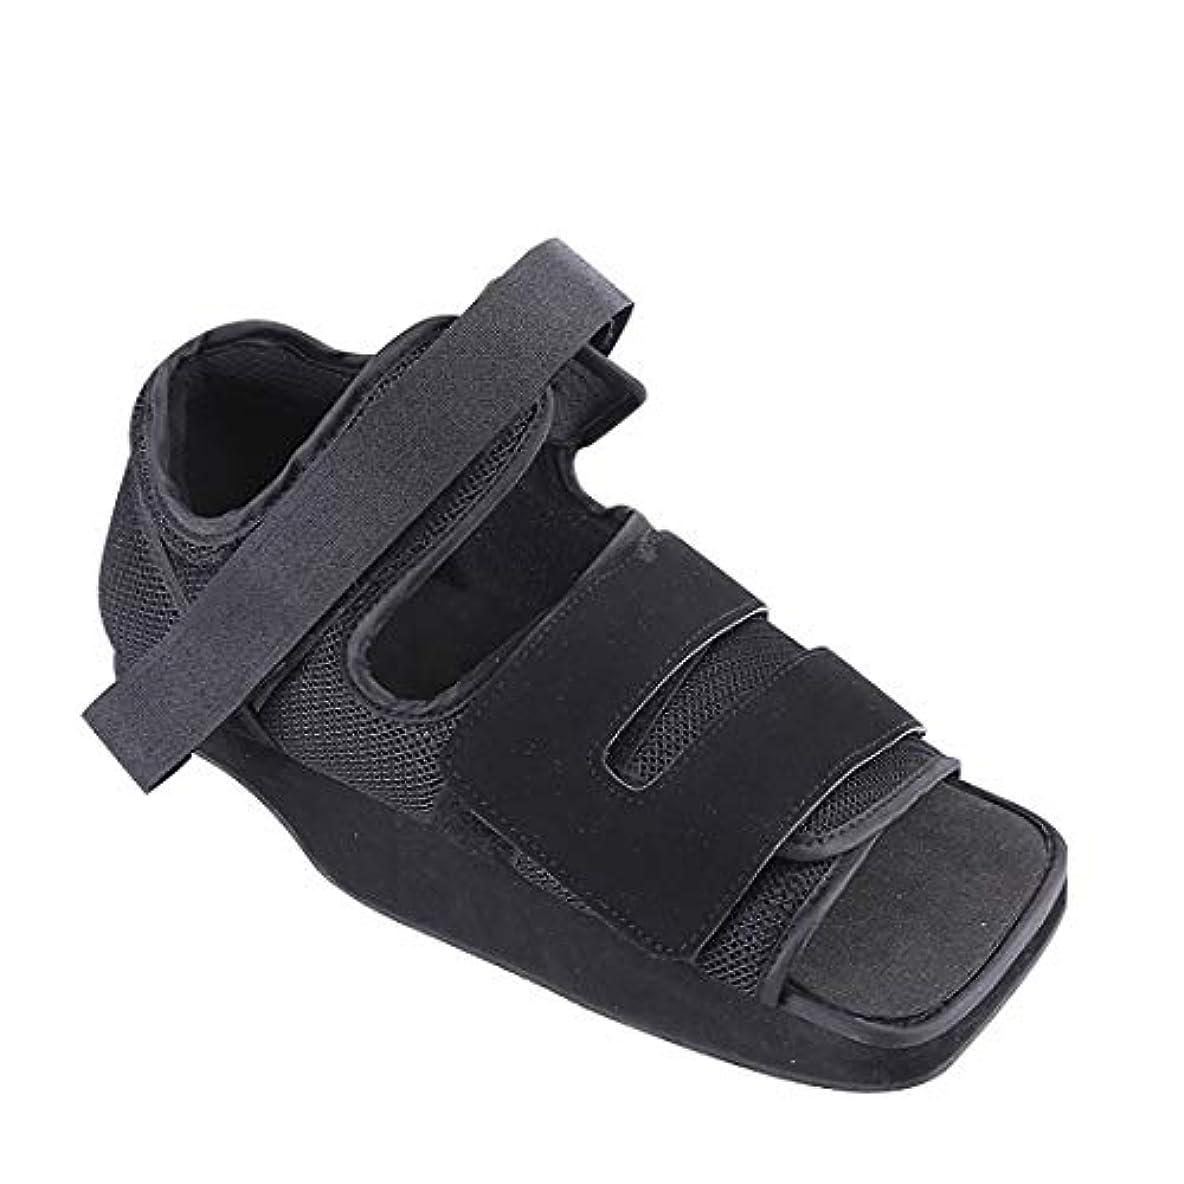 医療足骨折石膏の回復靴の手術後のつま先の靴を安定化骨折の靴を調整可能なファスナーで完全なカバー,L28cm